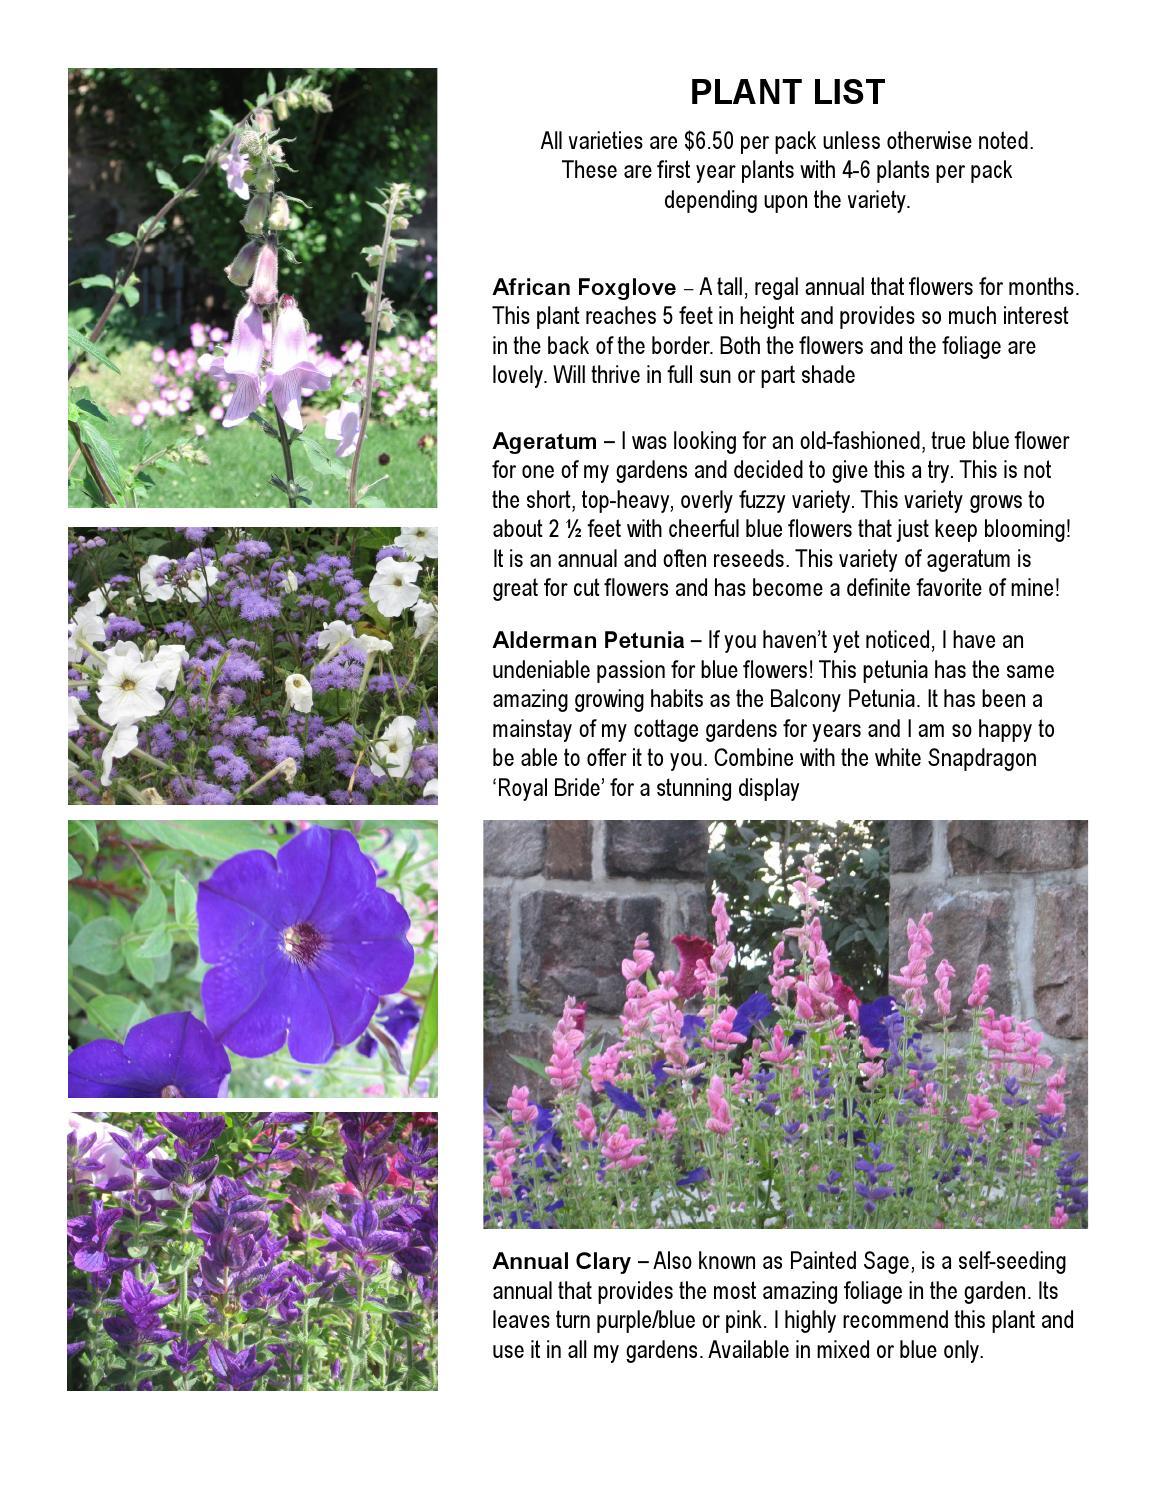 2014 plant list by kathleen murphy garden design issuu izmirmasajfo Gallery